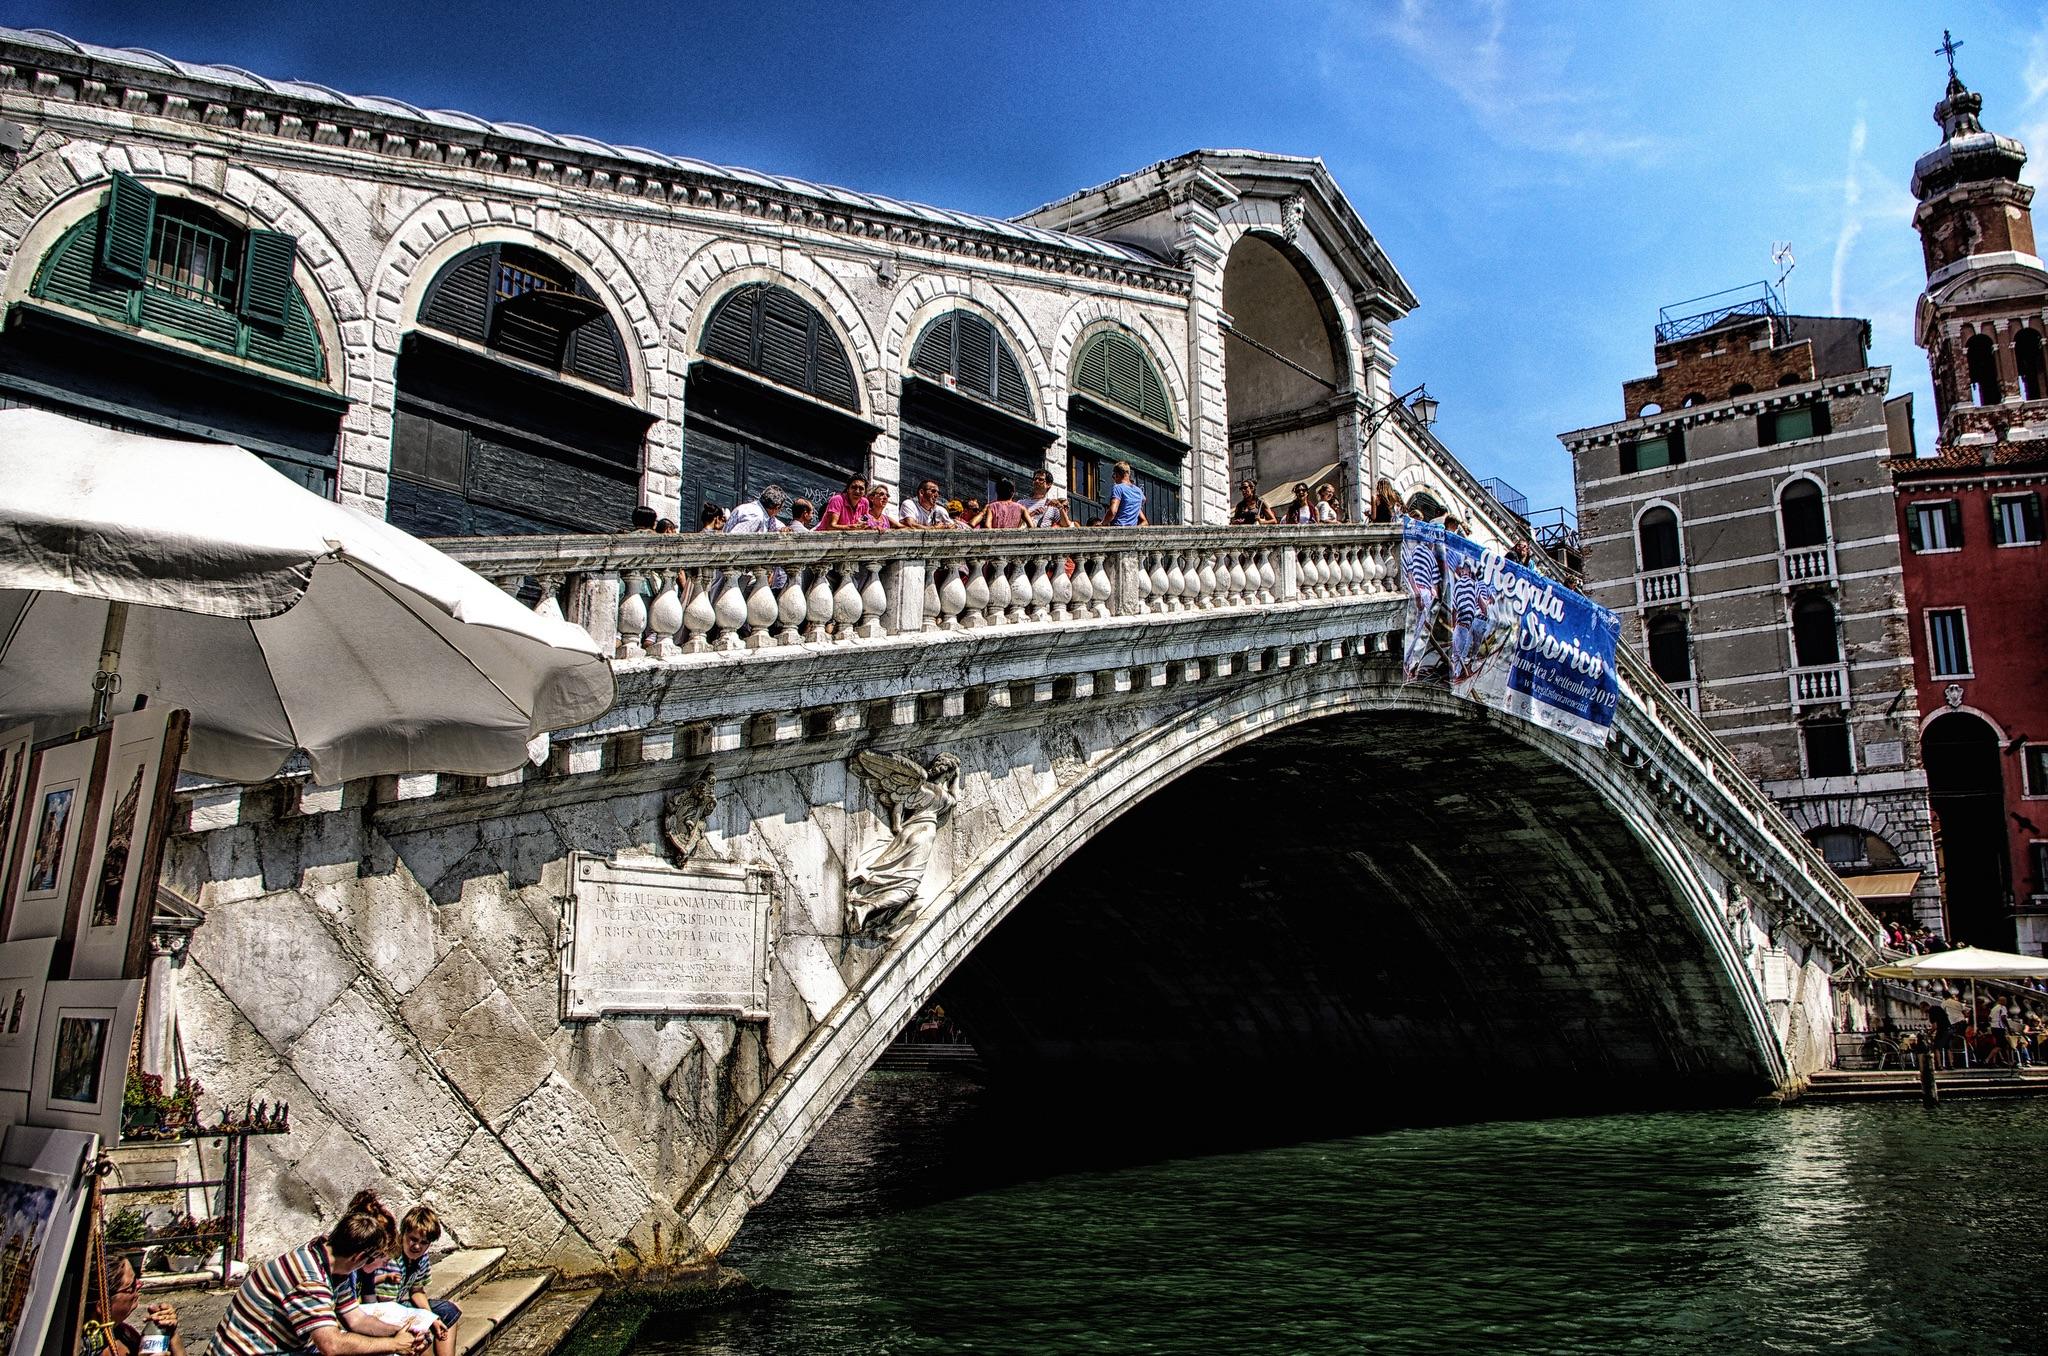 Adamo Smok Италия, Венеция, мост Ривальта